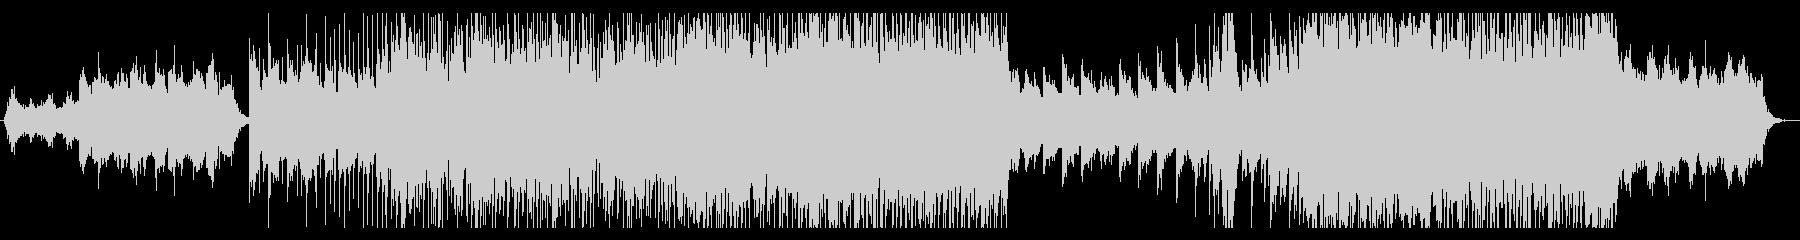 逆境から立ち上がるロックピアノインストの未再生の波形